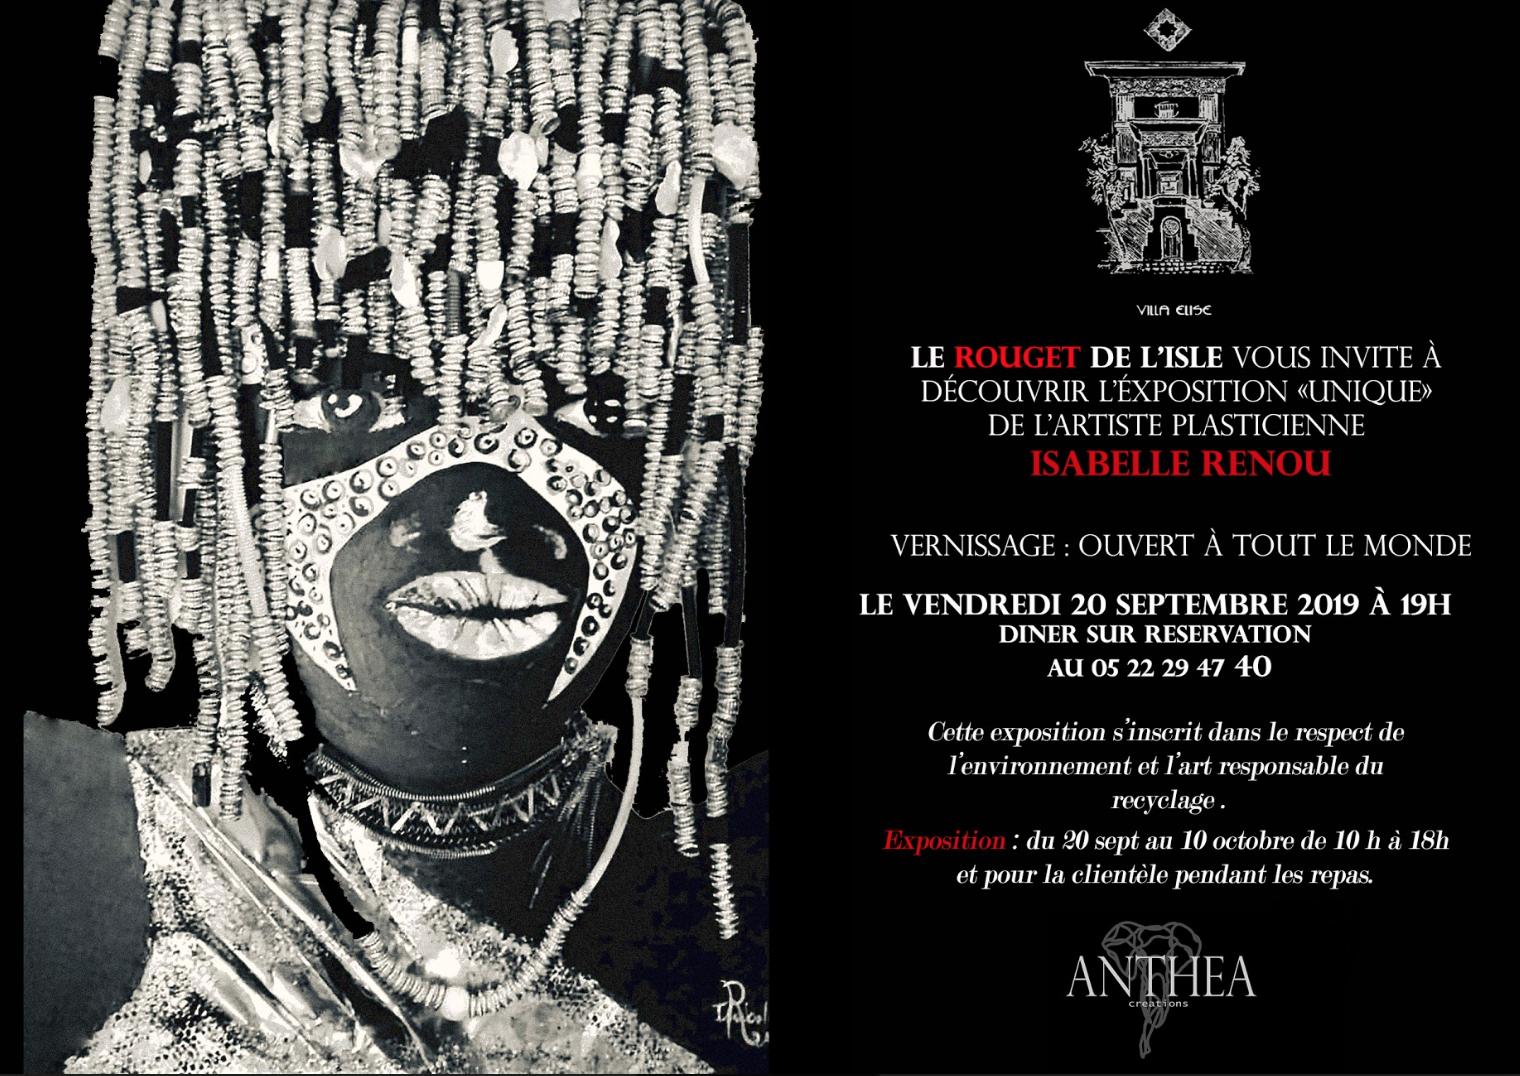 EXPOSITION Individuelle ROUGET DE L'ISLE A CASABLANCA Du 18 Septembre Au 10 Octobre 2019